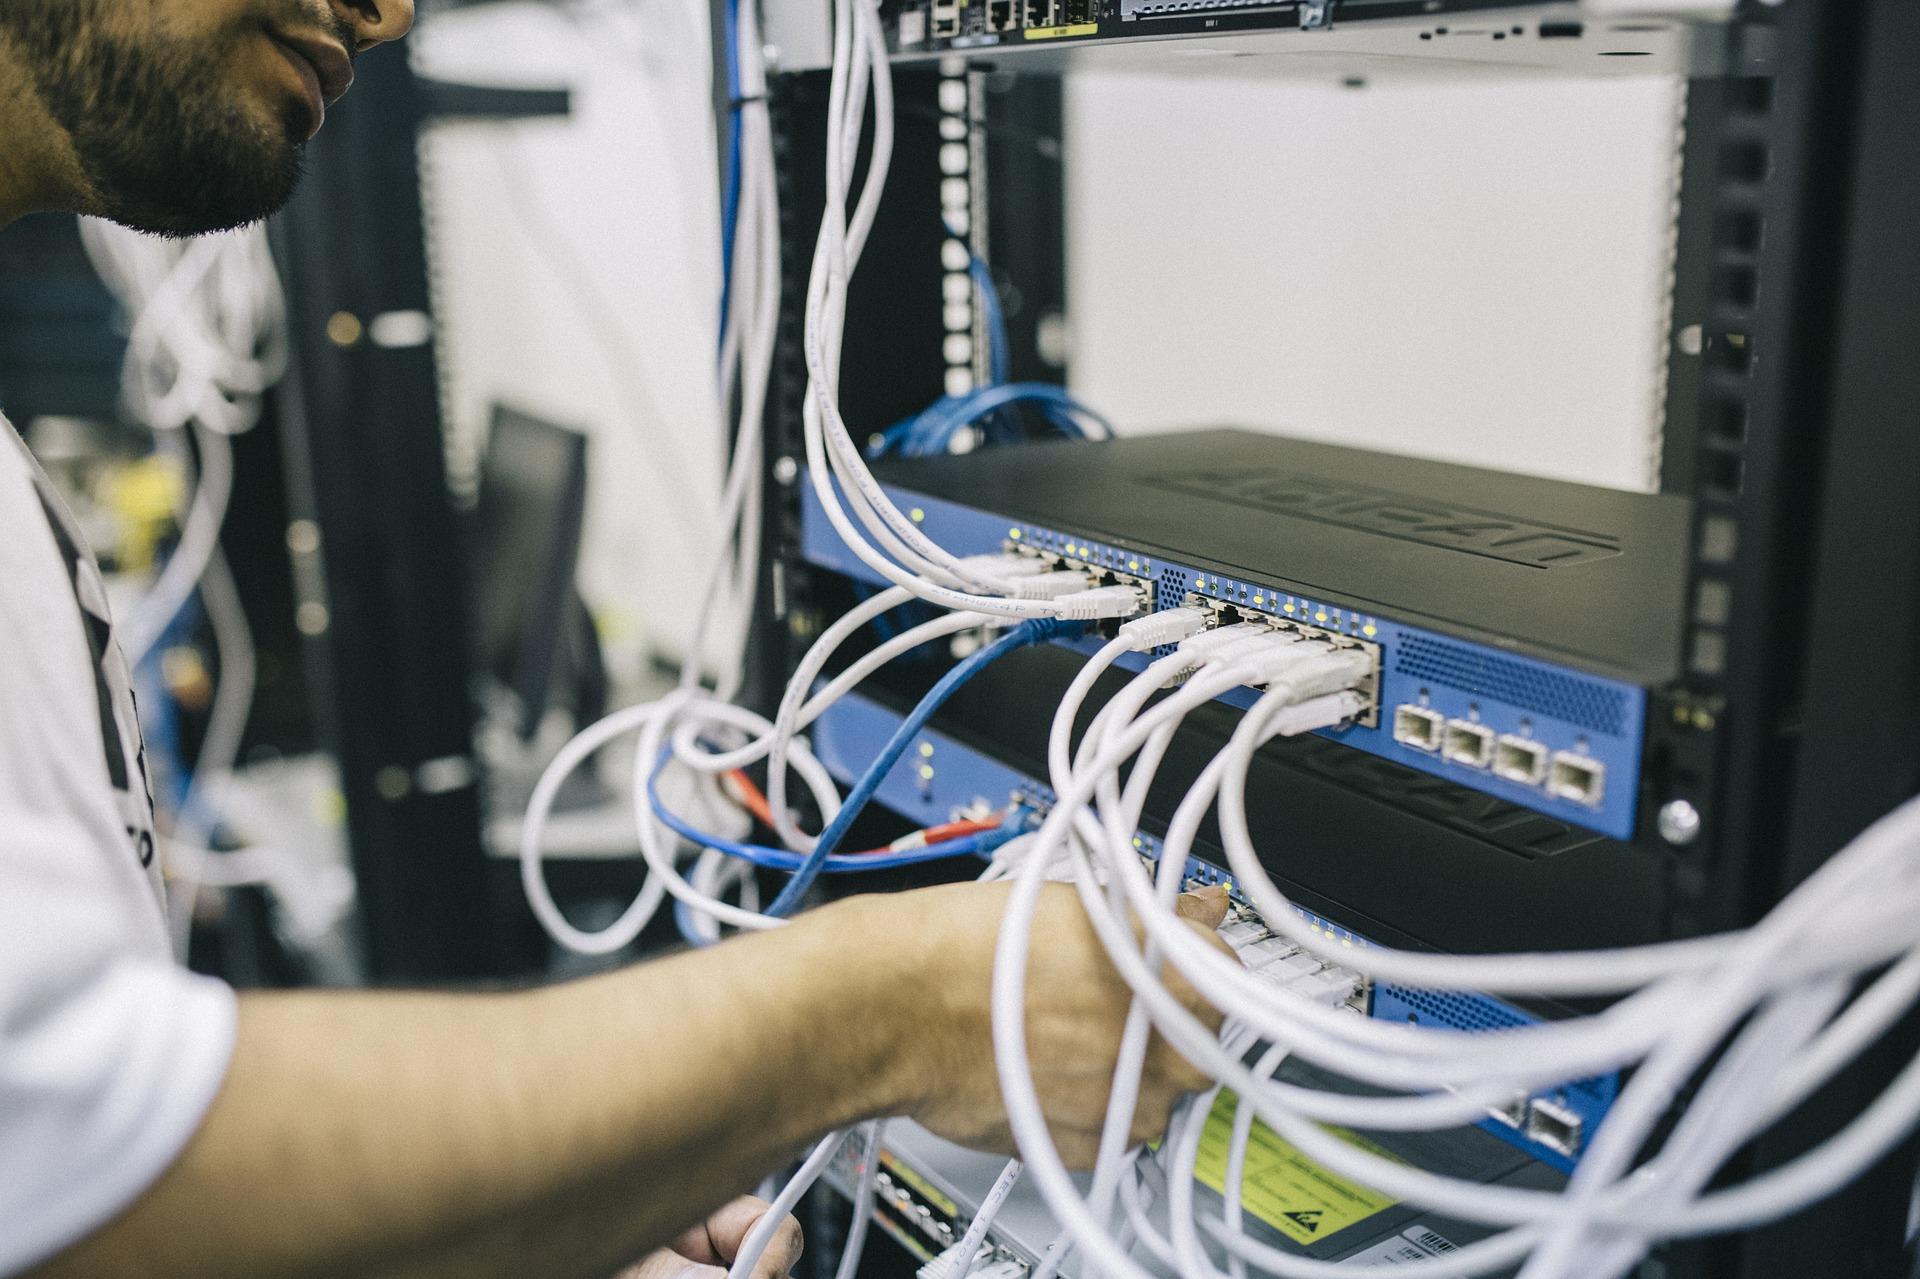 Image du domaine de l'IT et du Télécom. Eu Coordination agence de traduction de documents pour l'IT et le Télécom.